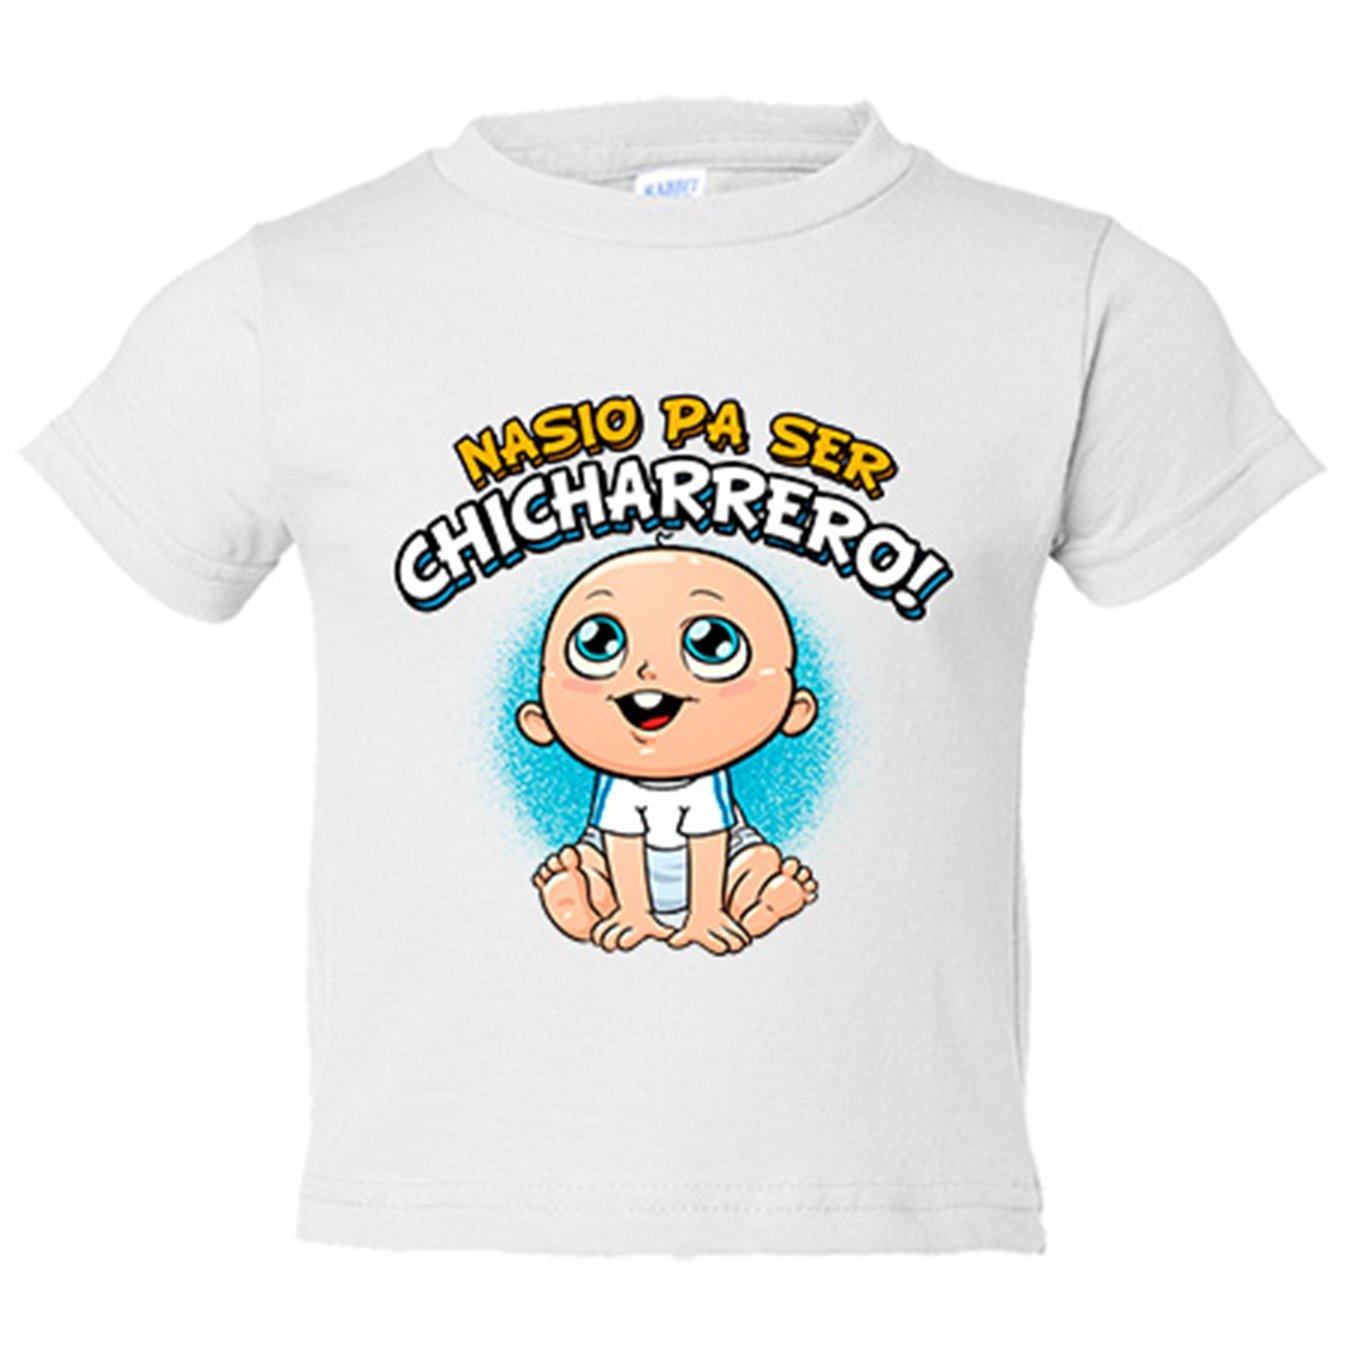 Camiseta niño nacido para ser Chicharrero Tenerife fútbol - Azul Royal, 3-4 años: Amazon.es: Bebé